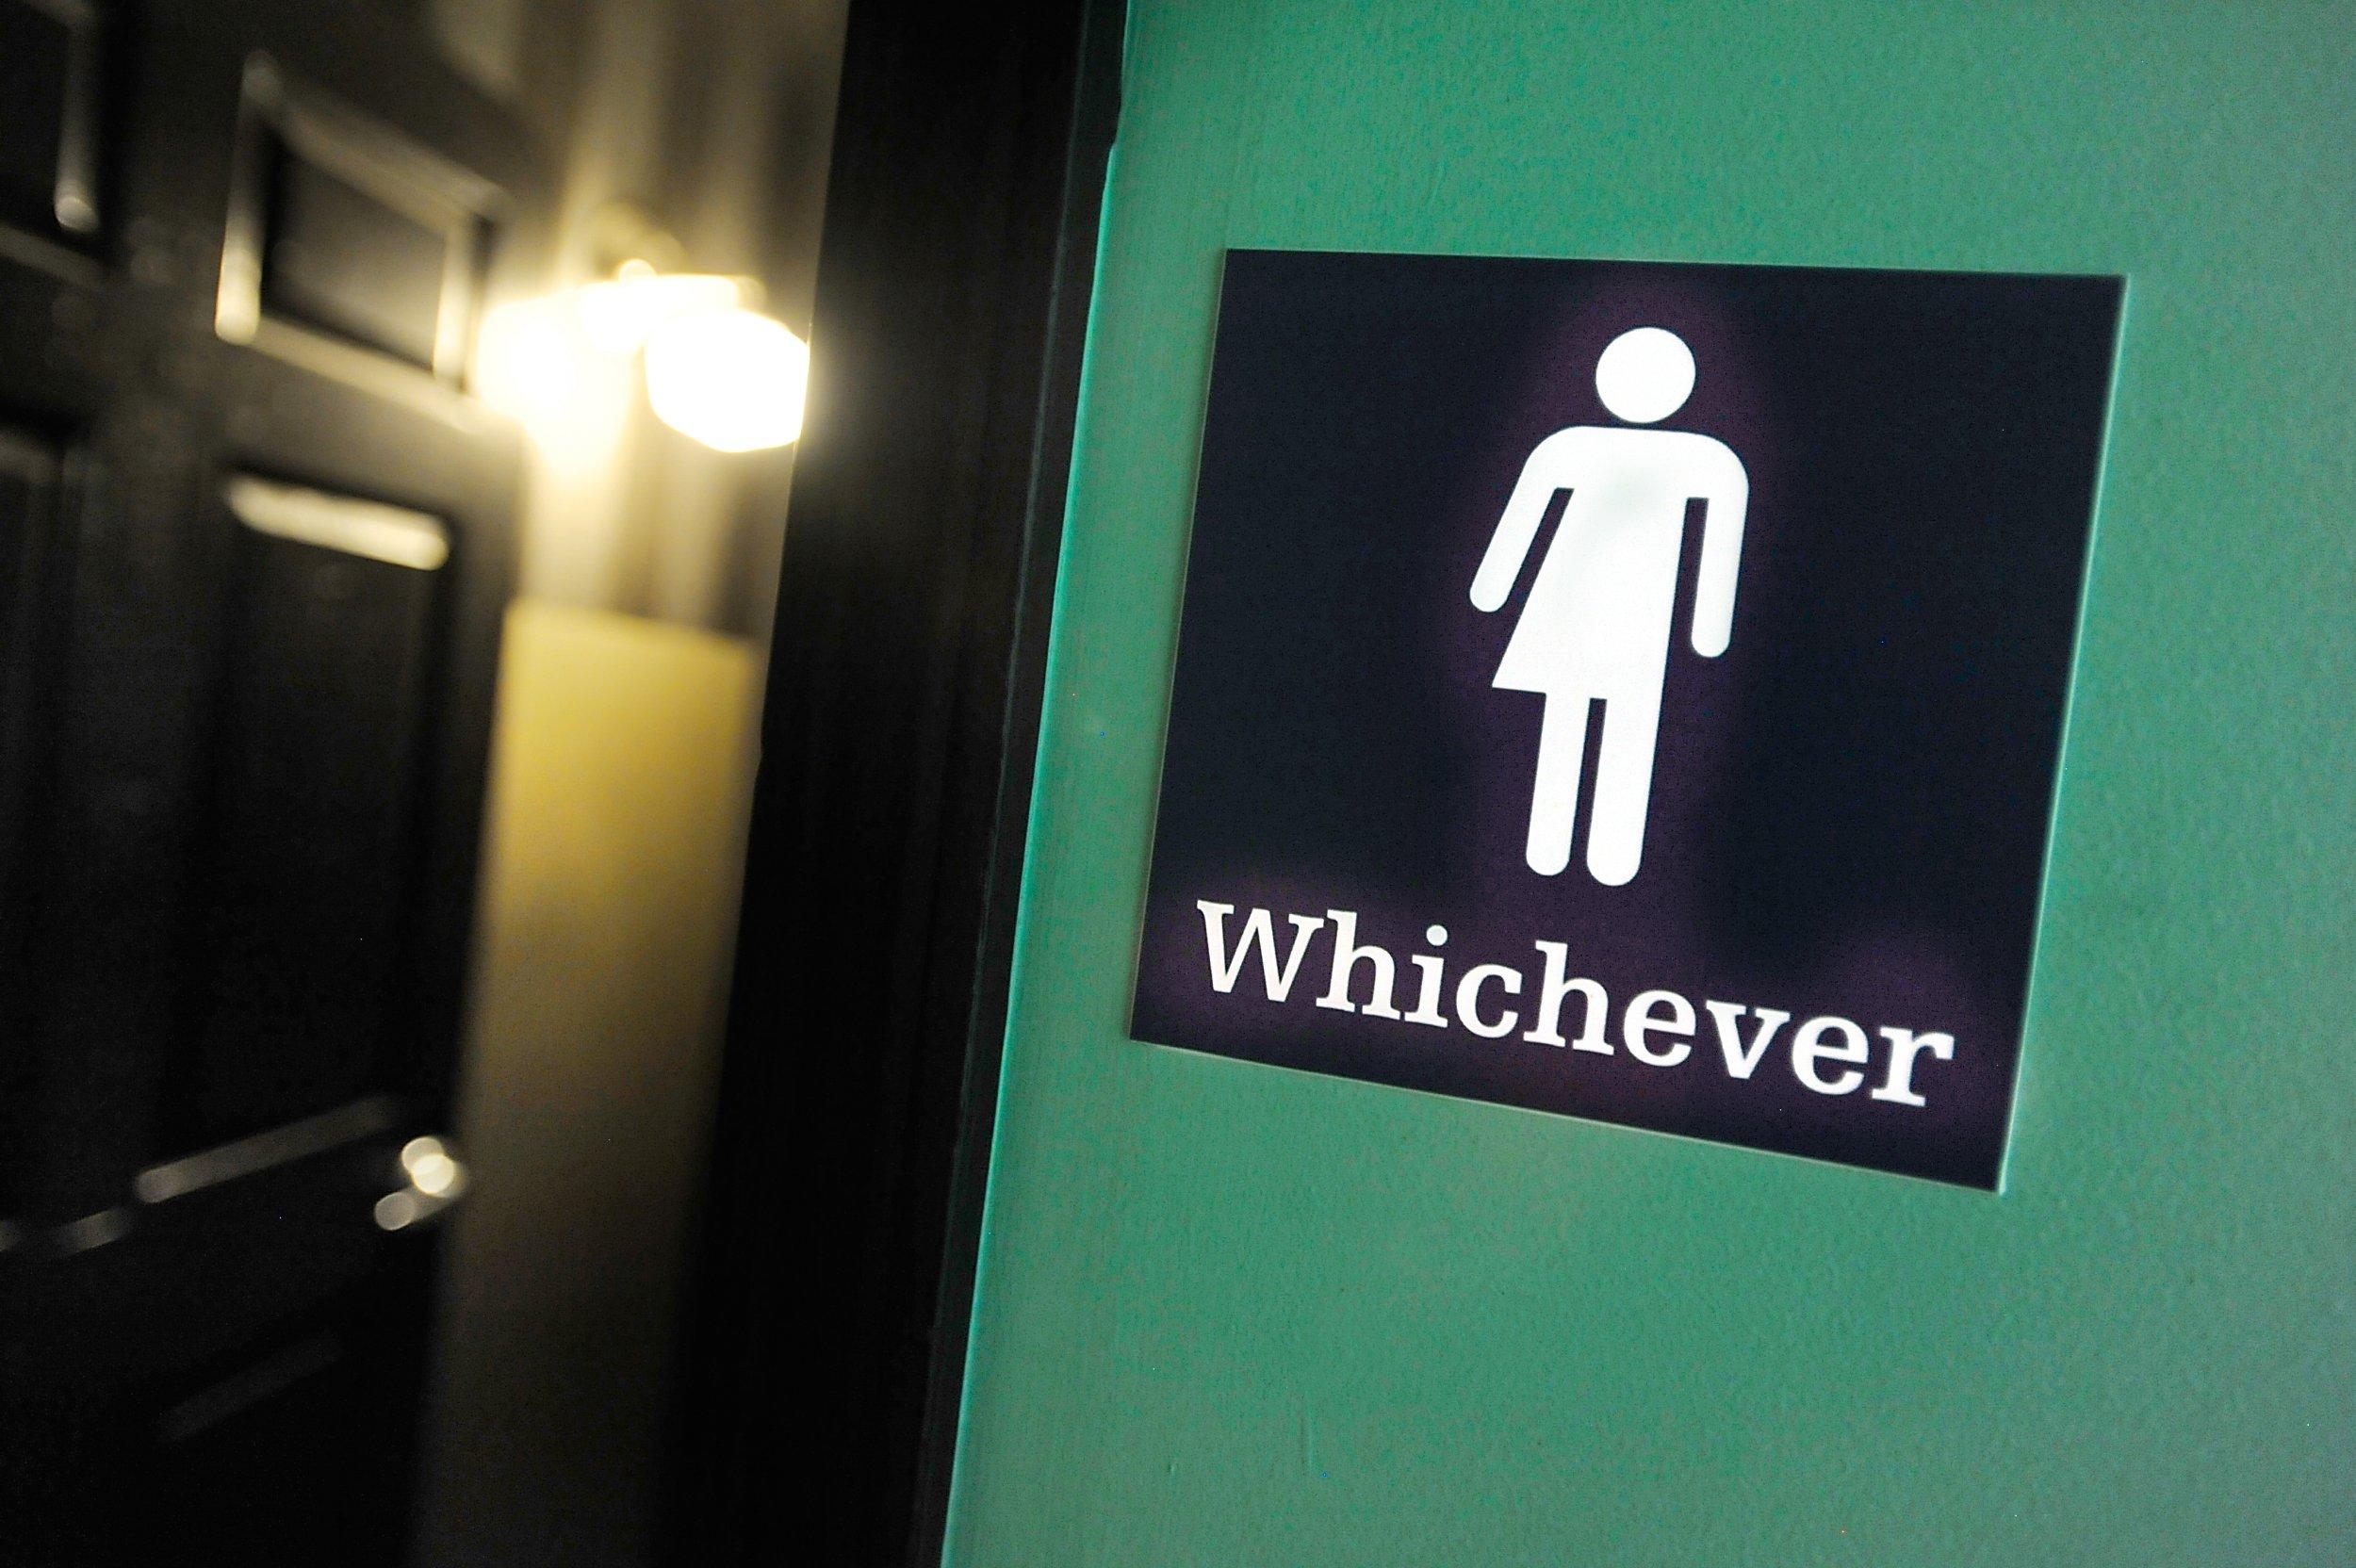 Gender bathroom